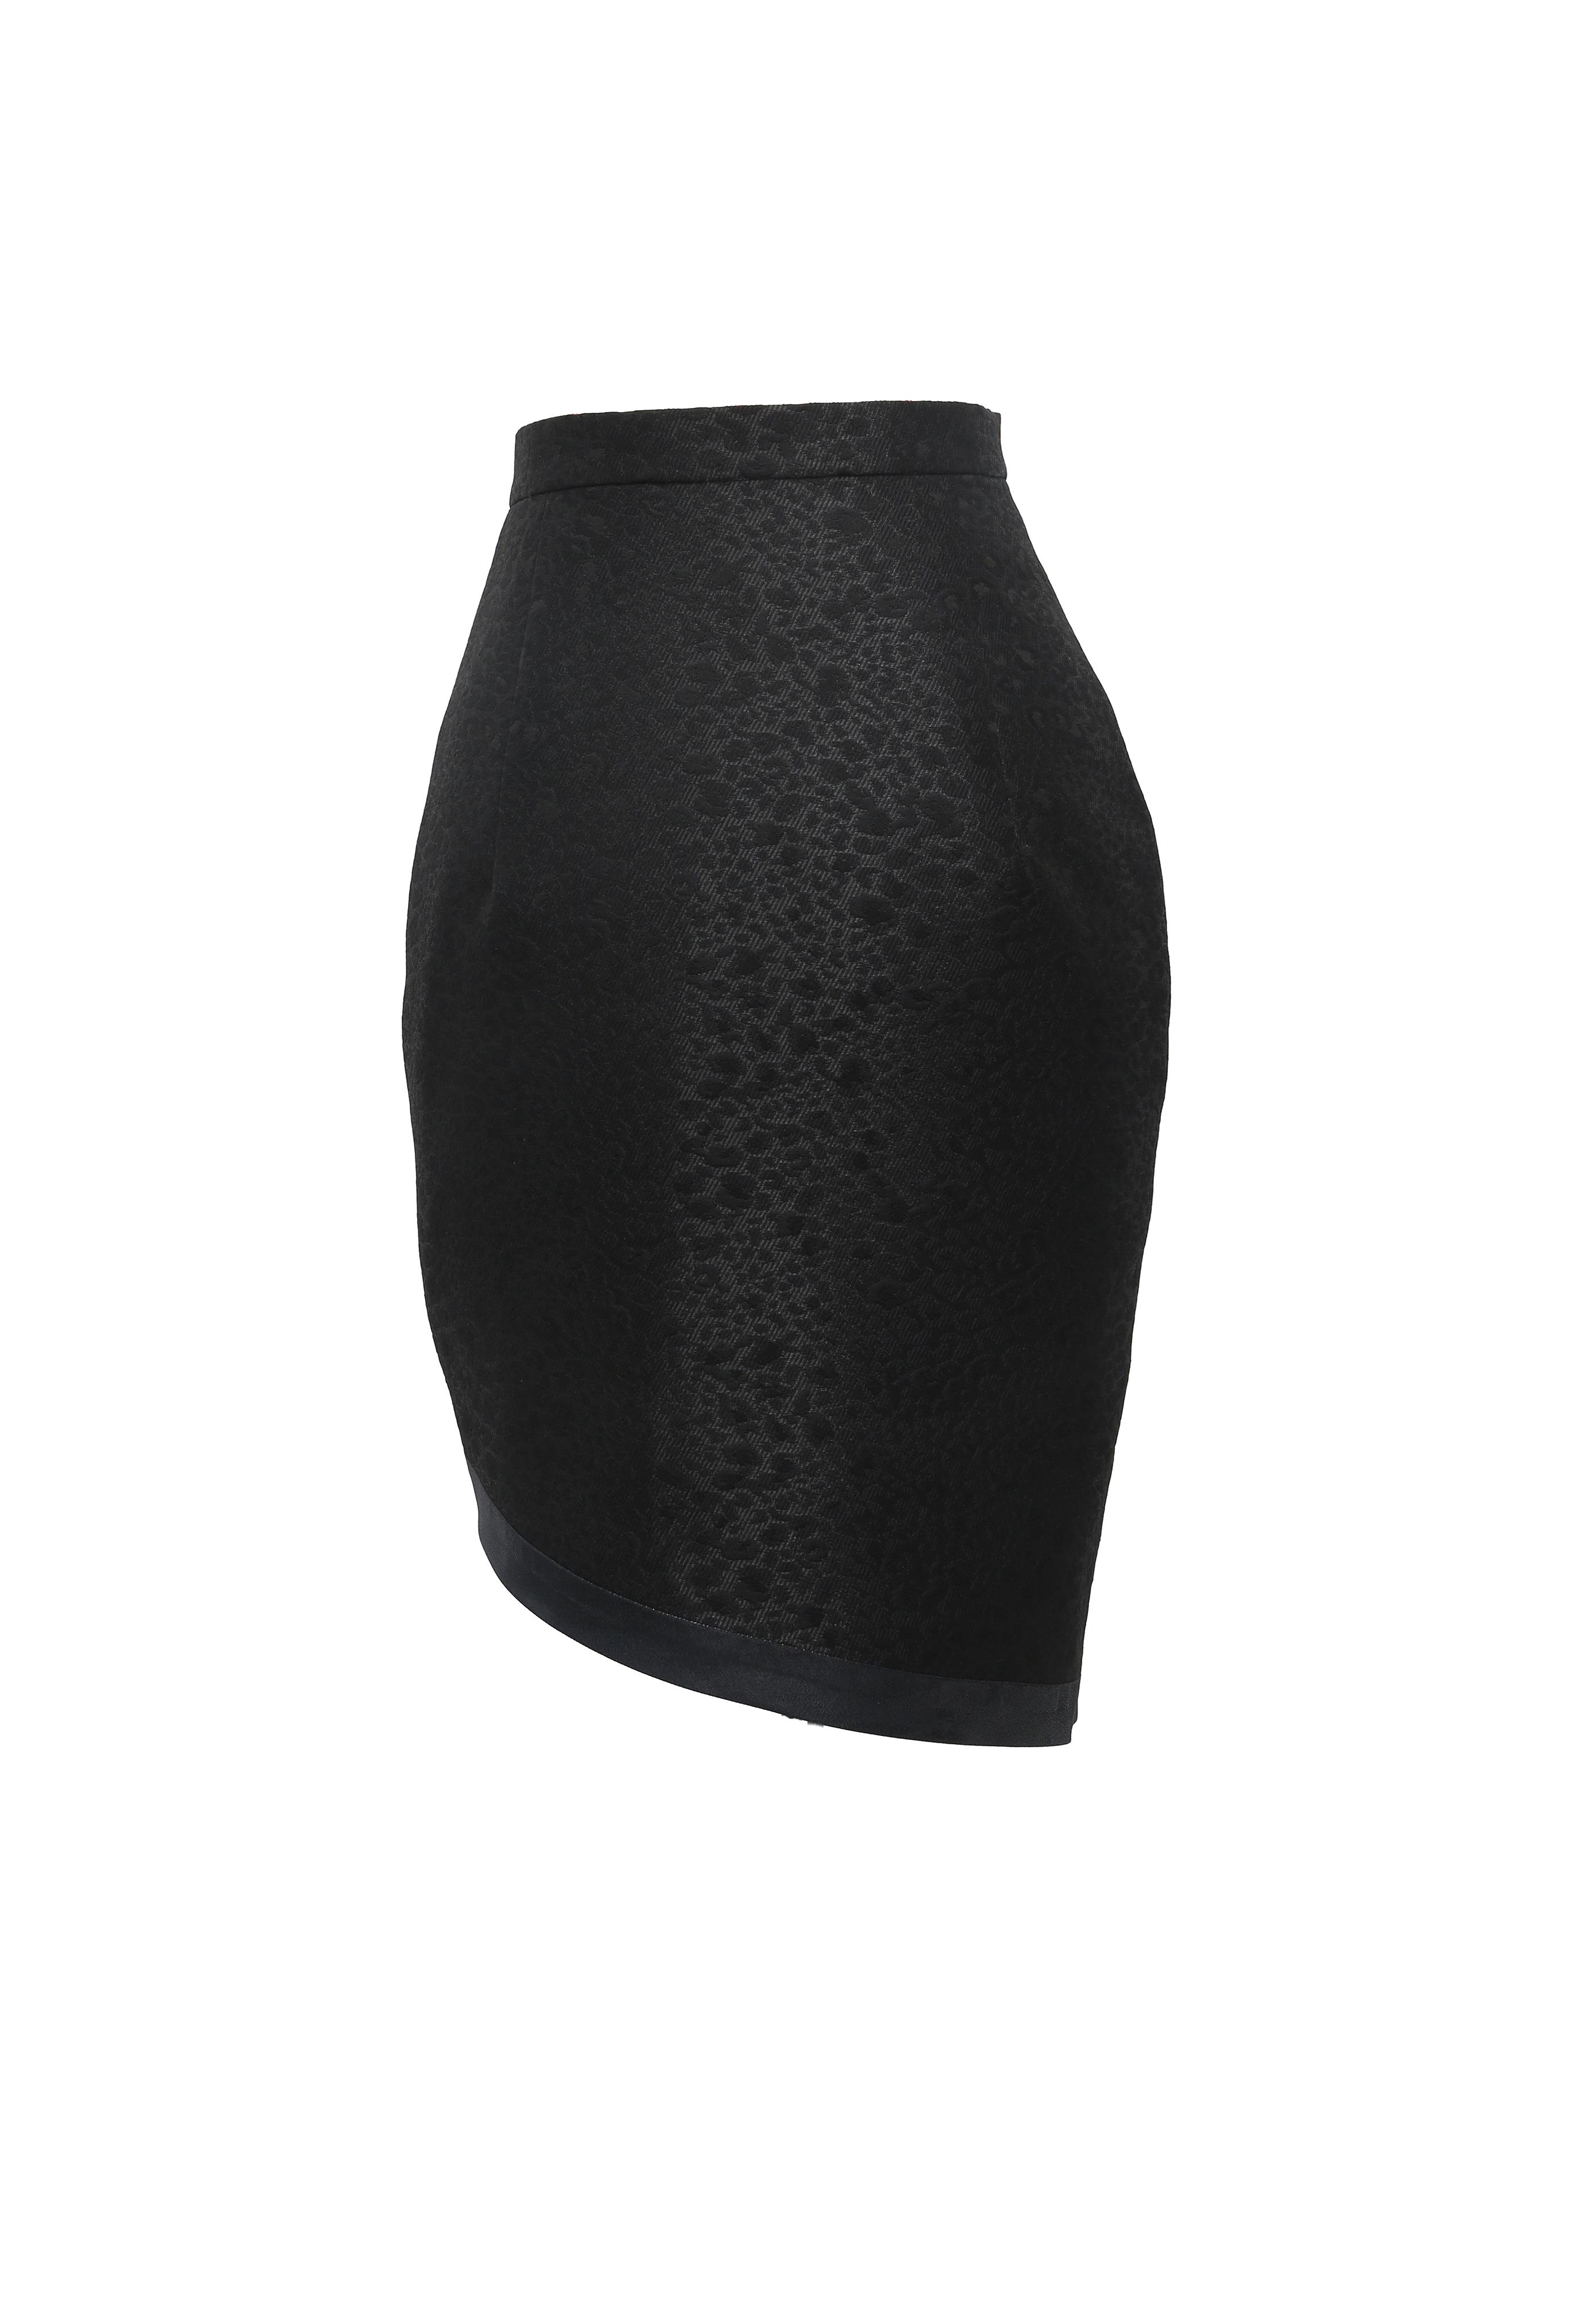 Trimmed Button-up Skirt